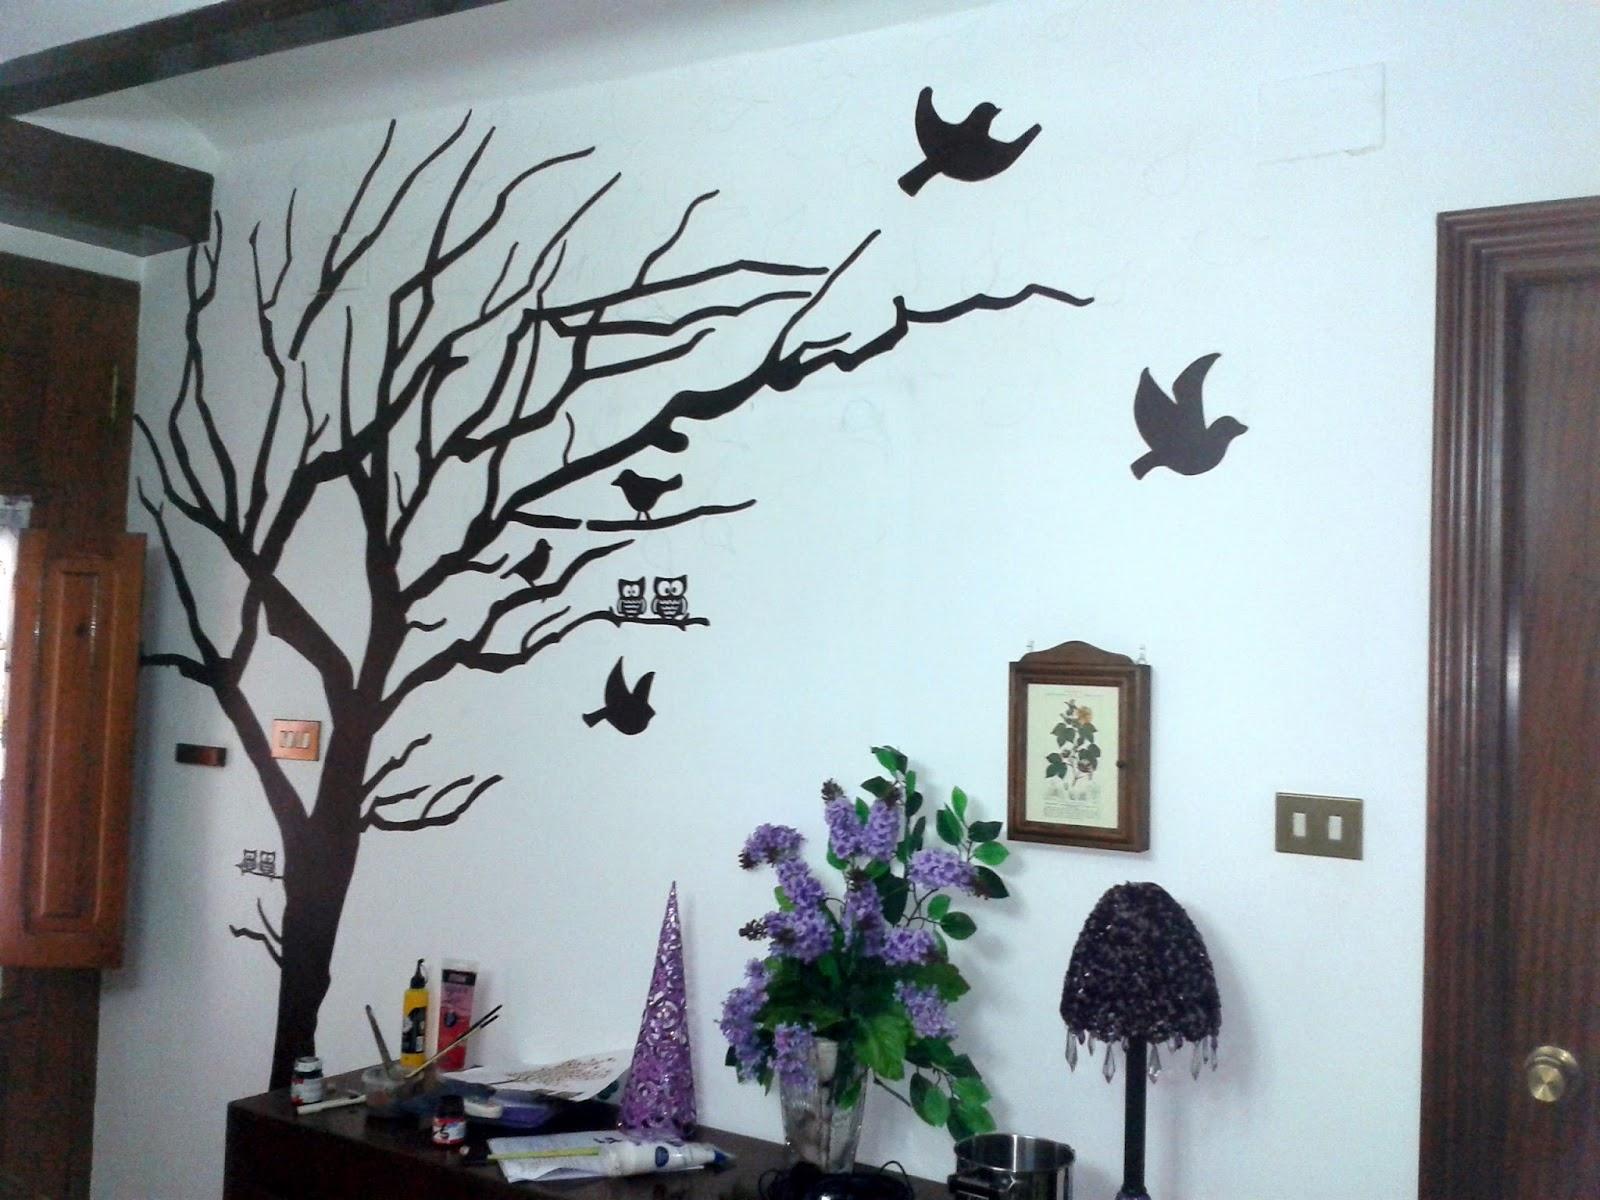 Diy mural rbol con hojas geno dise o arte - Arboles en la pared ...